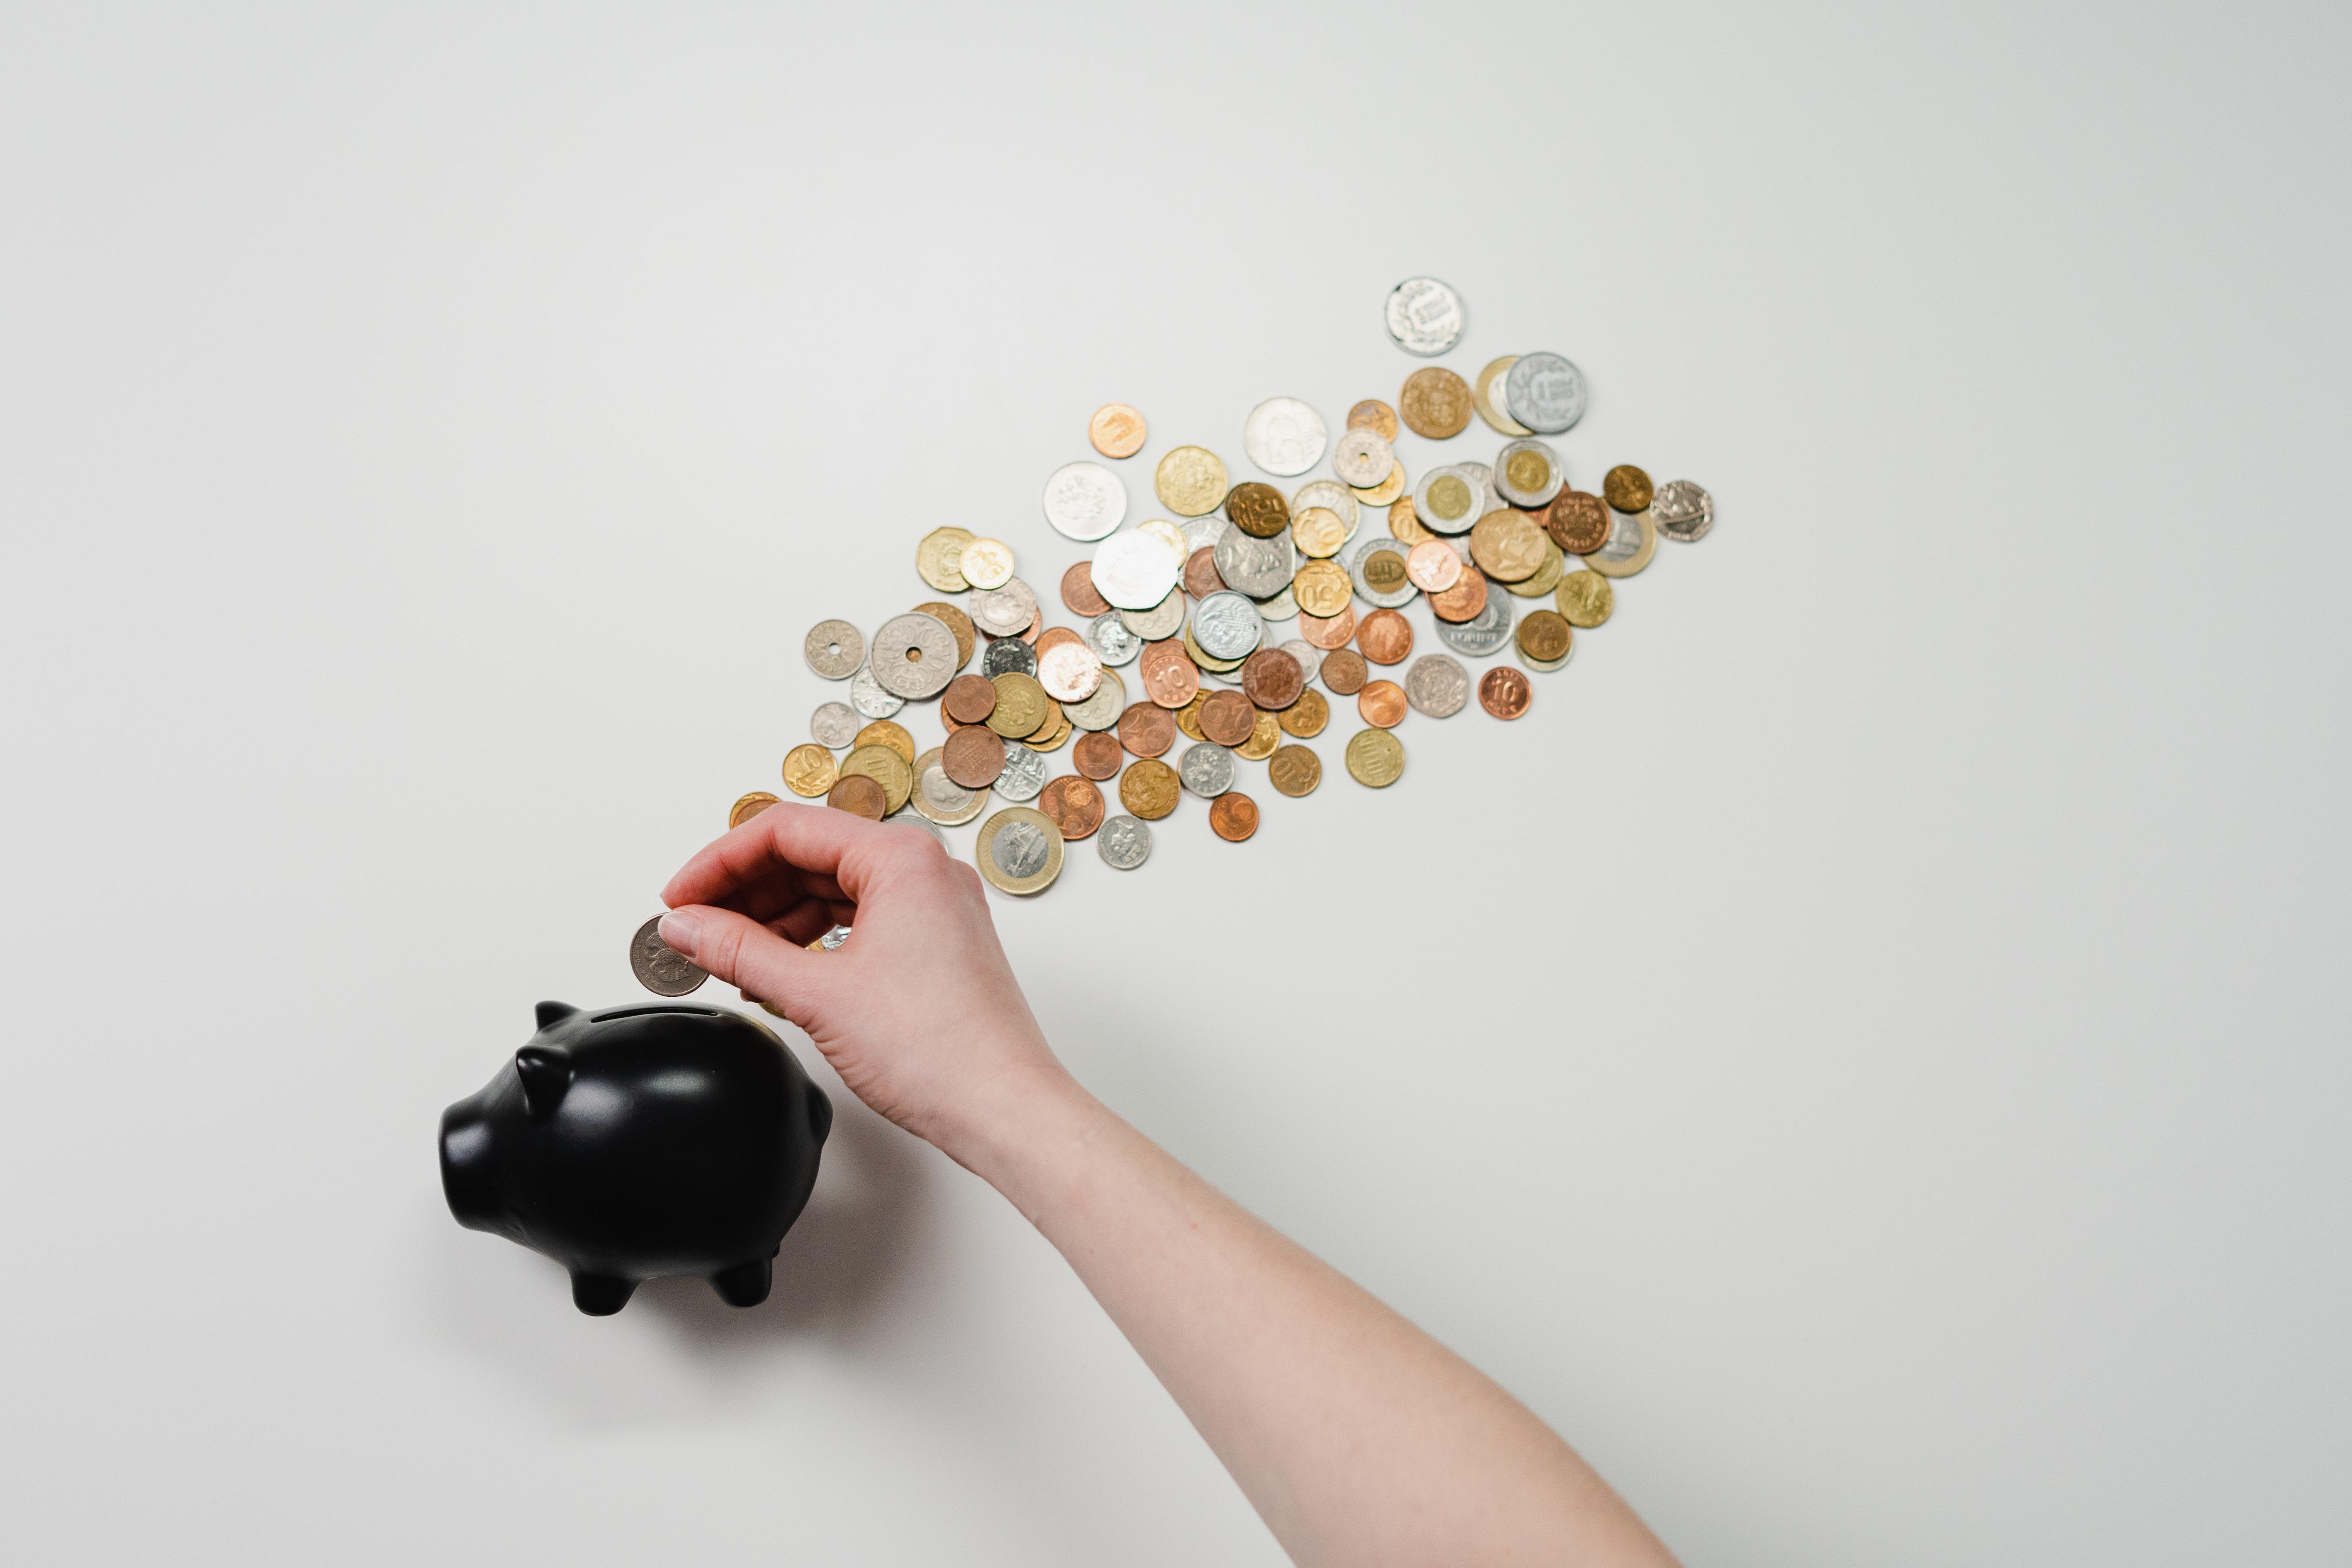 Dónde invertir mi dinero: Top de mejores inversiones.